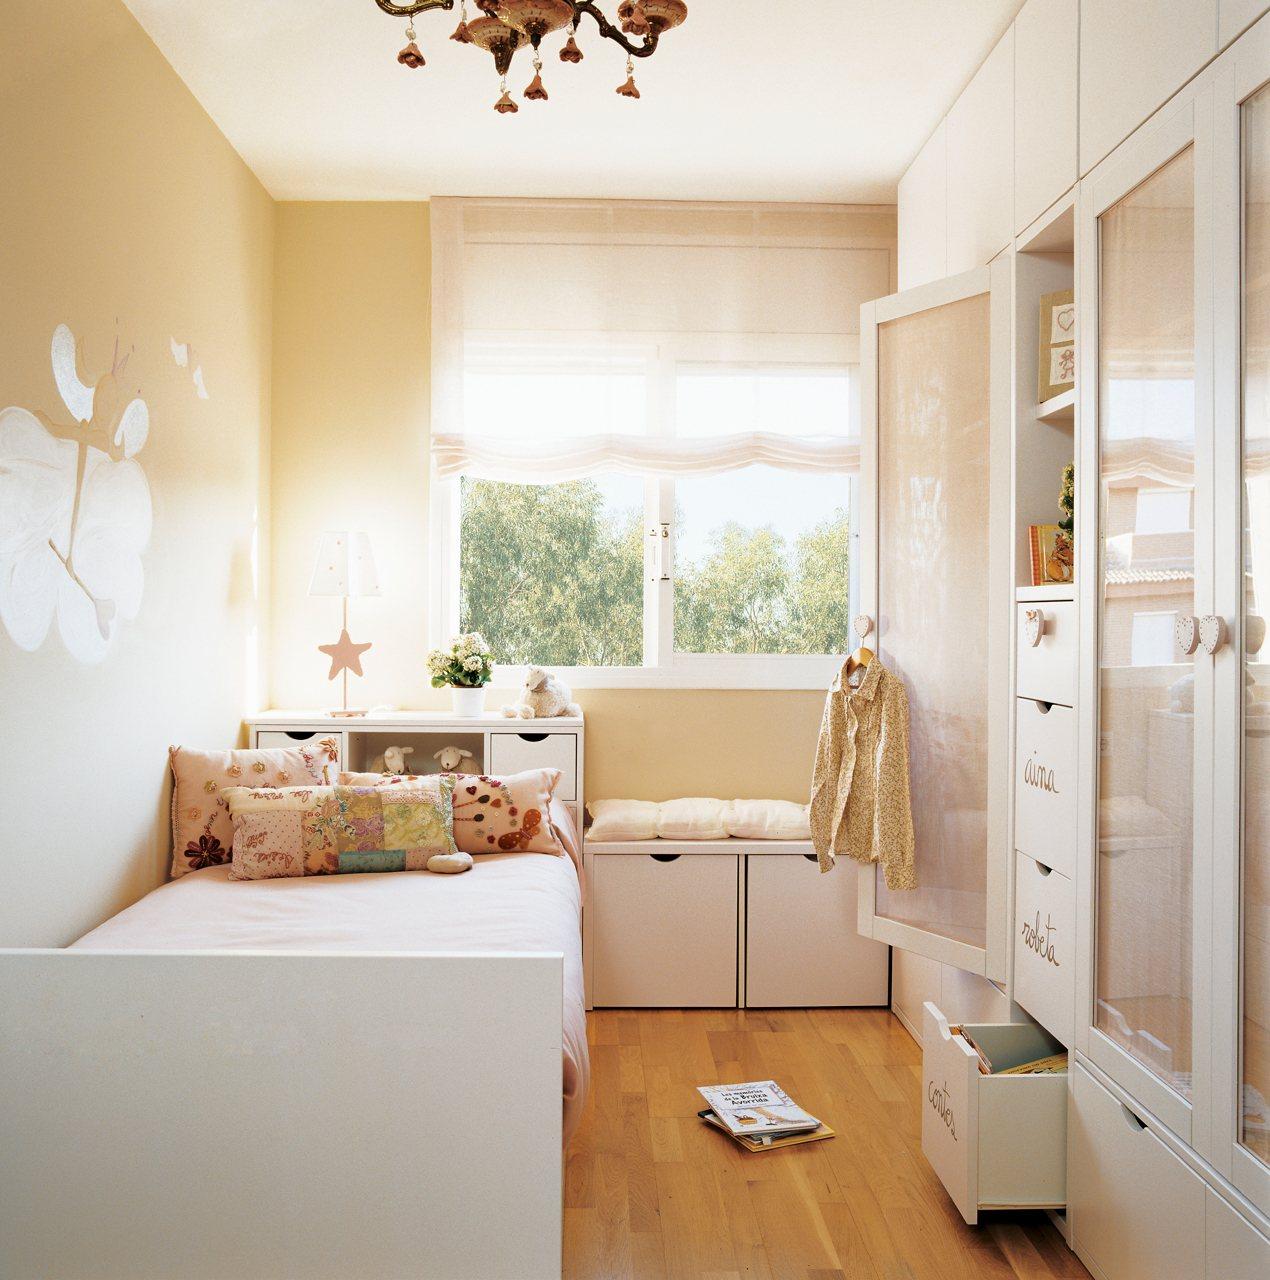 Dormitorios infantiles peque os s cales partido - Dormitorios juveniles pequenos ...